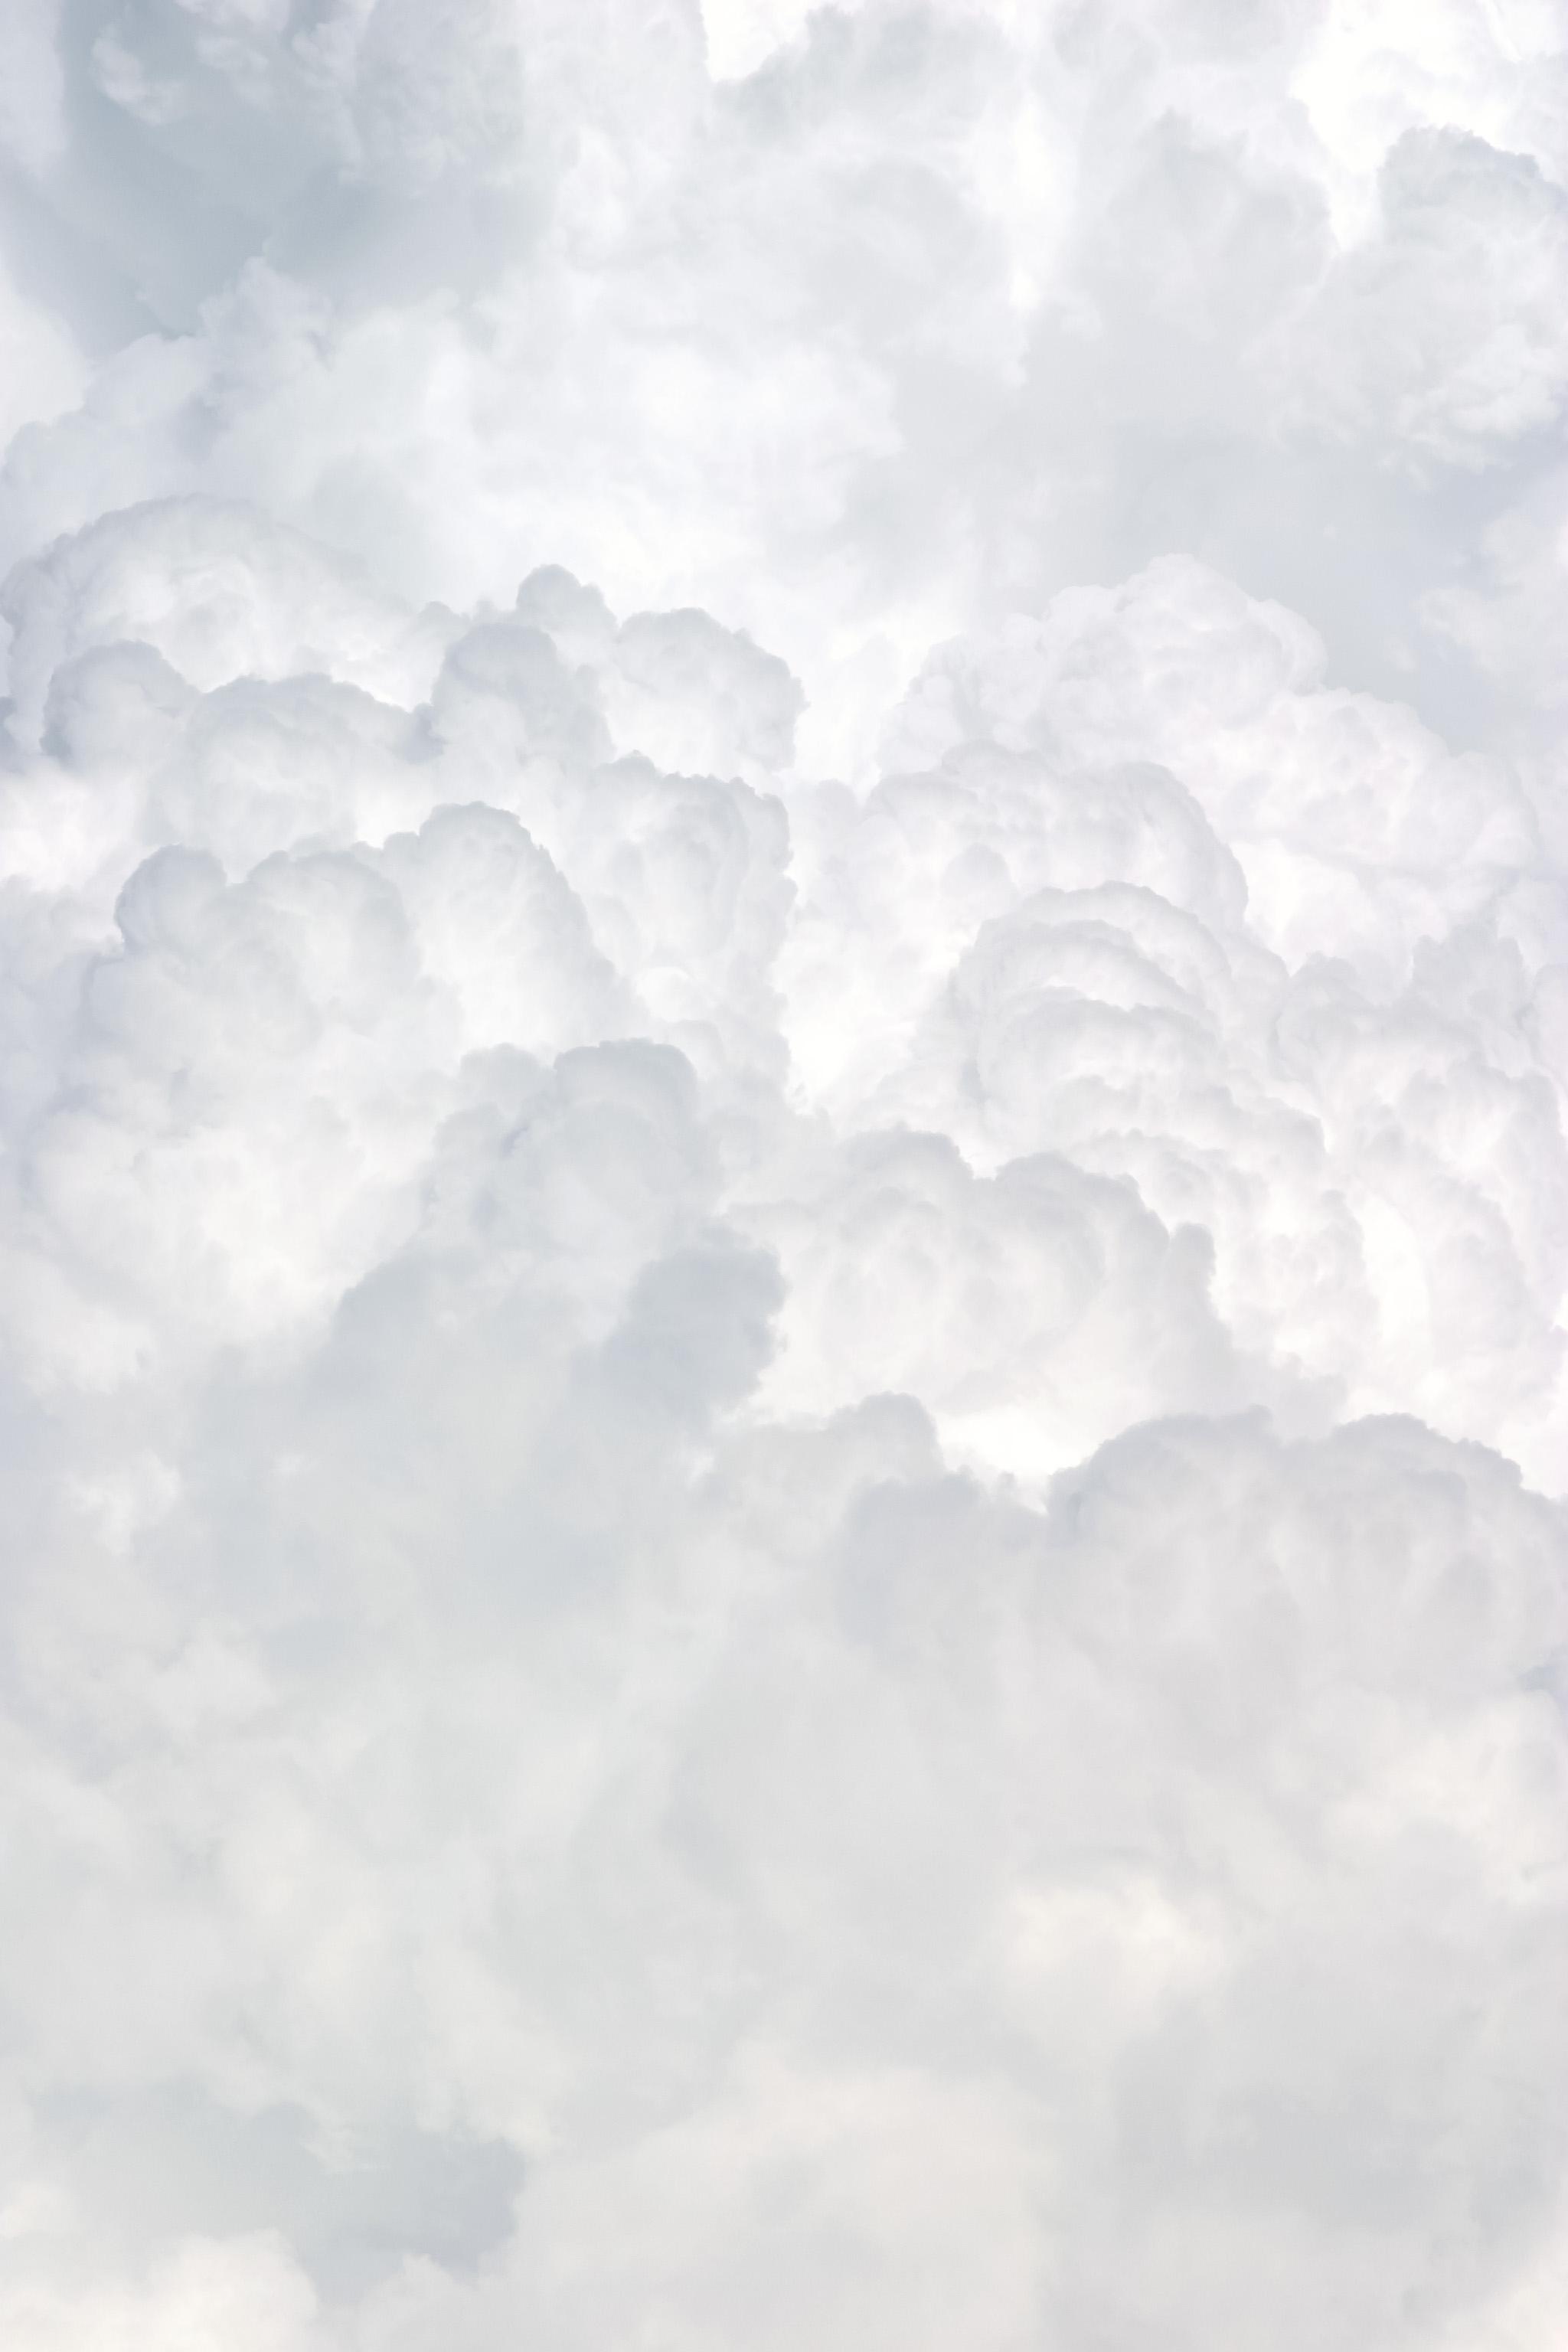 モクモクと湧き上がる雲 Free Photos L/RGB/JPEG/350dpi